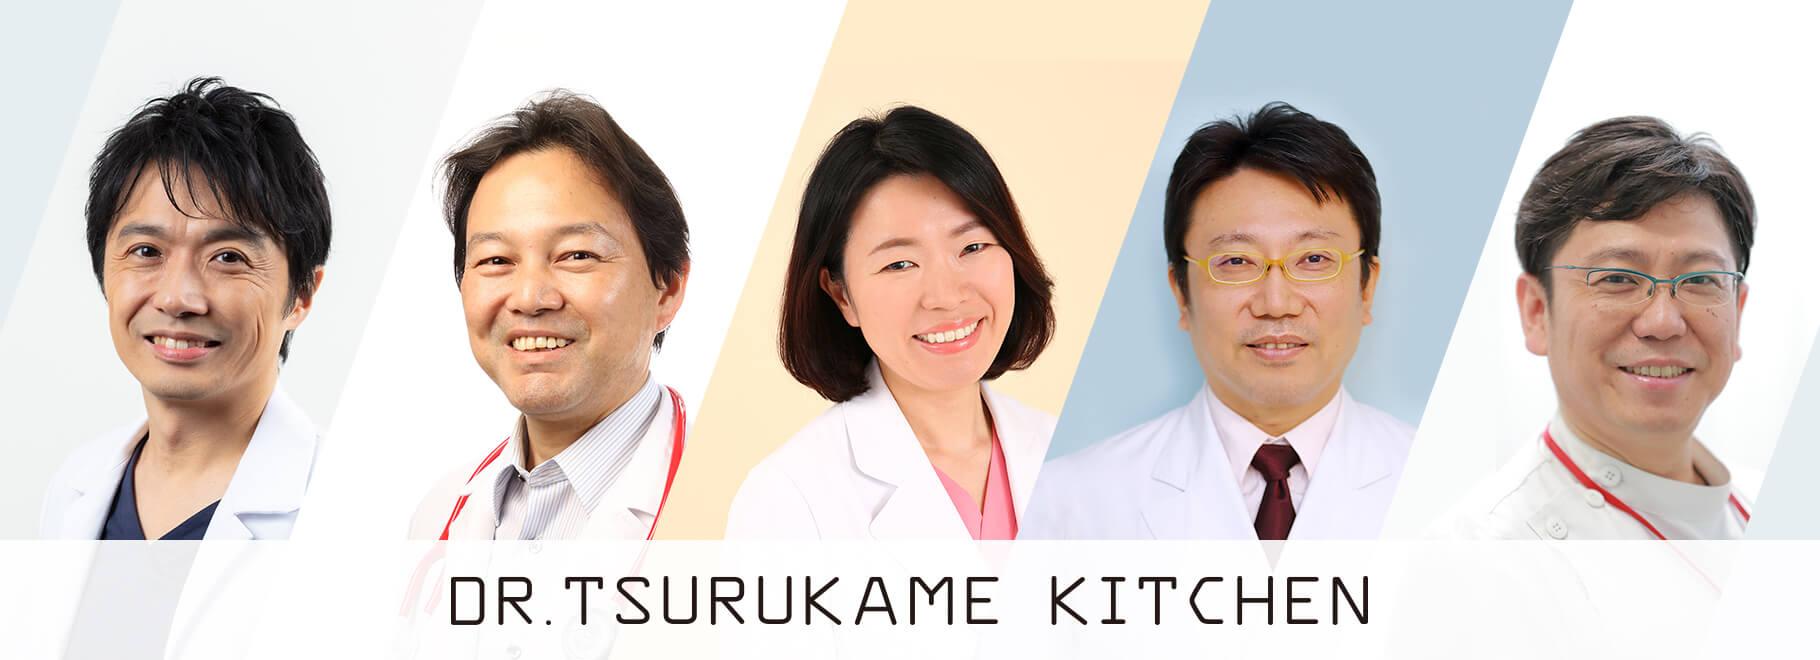 Dr.つるかめキッチンの専門医